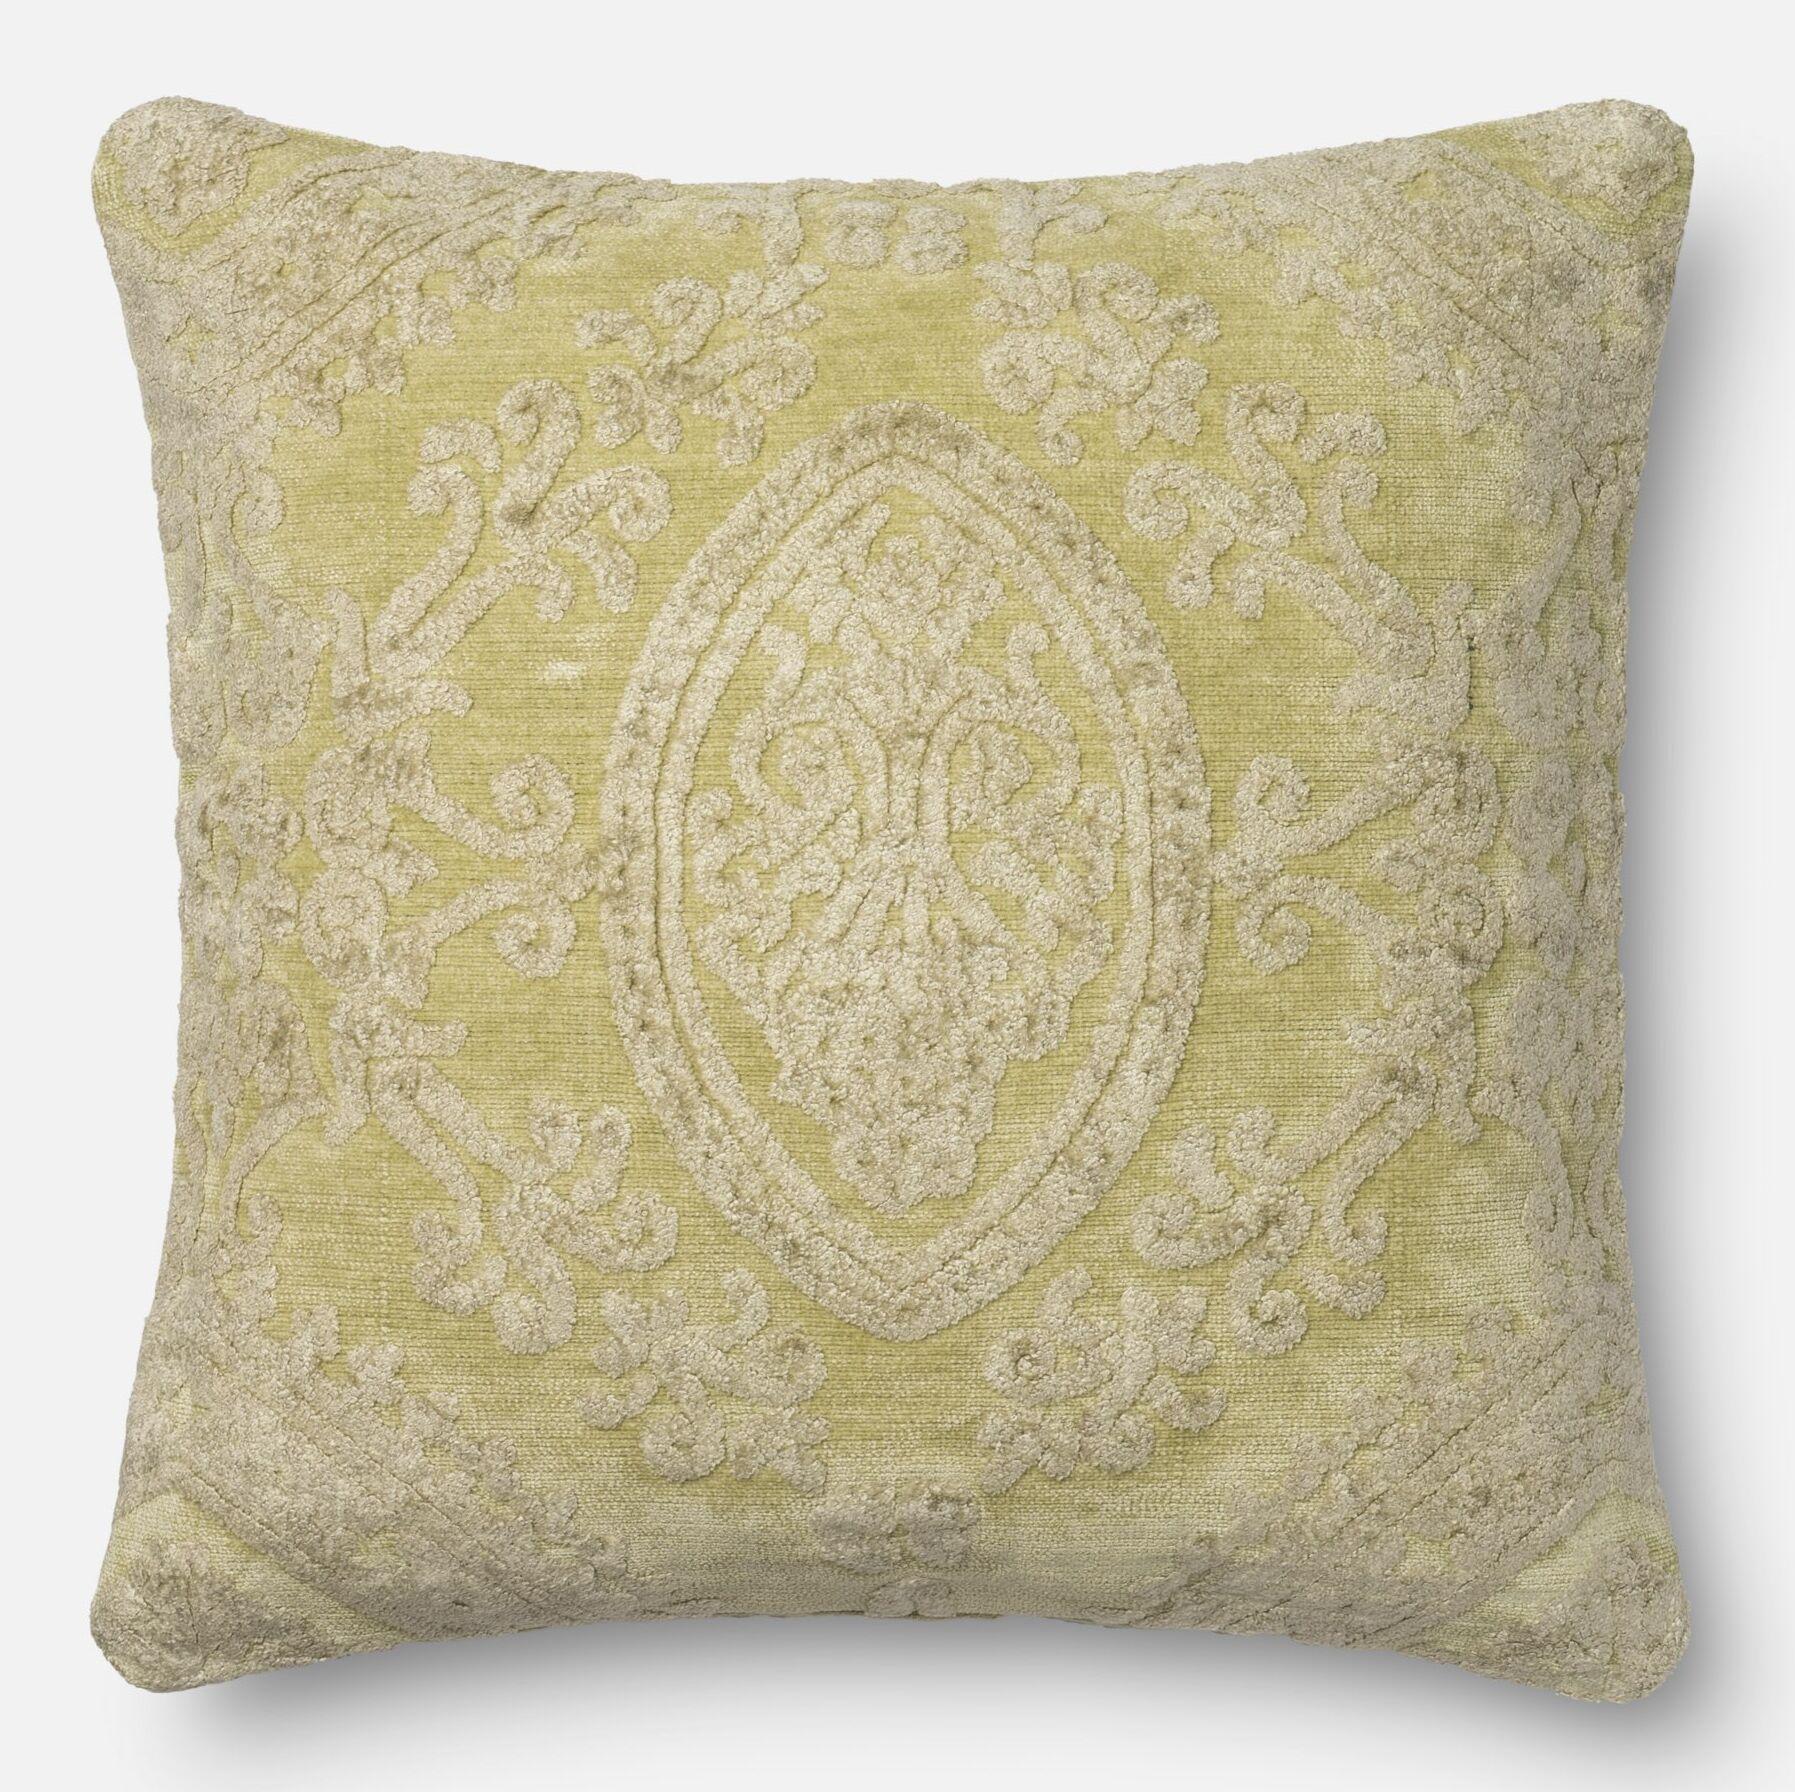 Lederer Pillow Cover Color: Pistachio